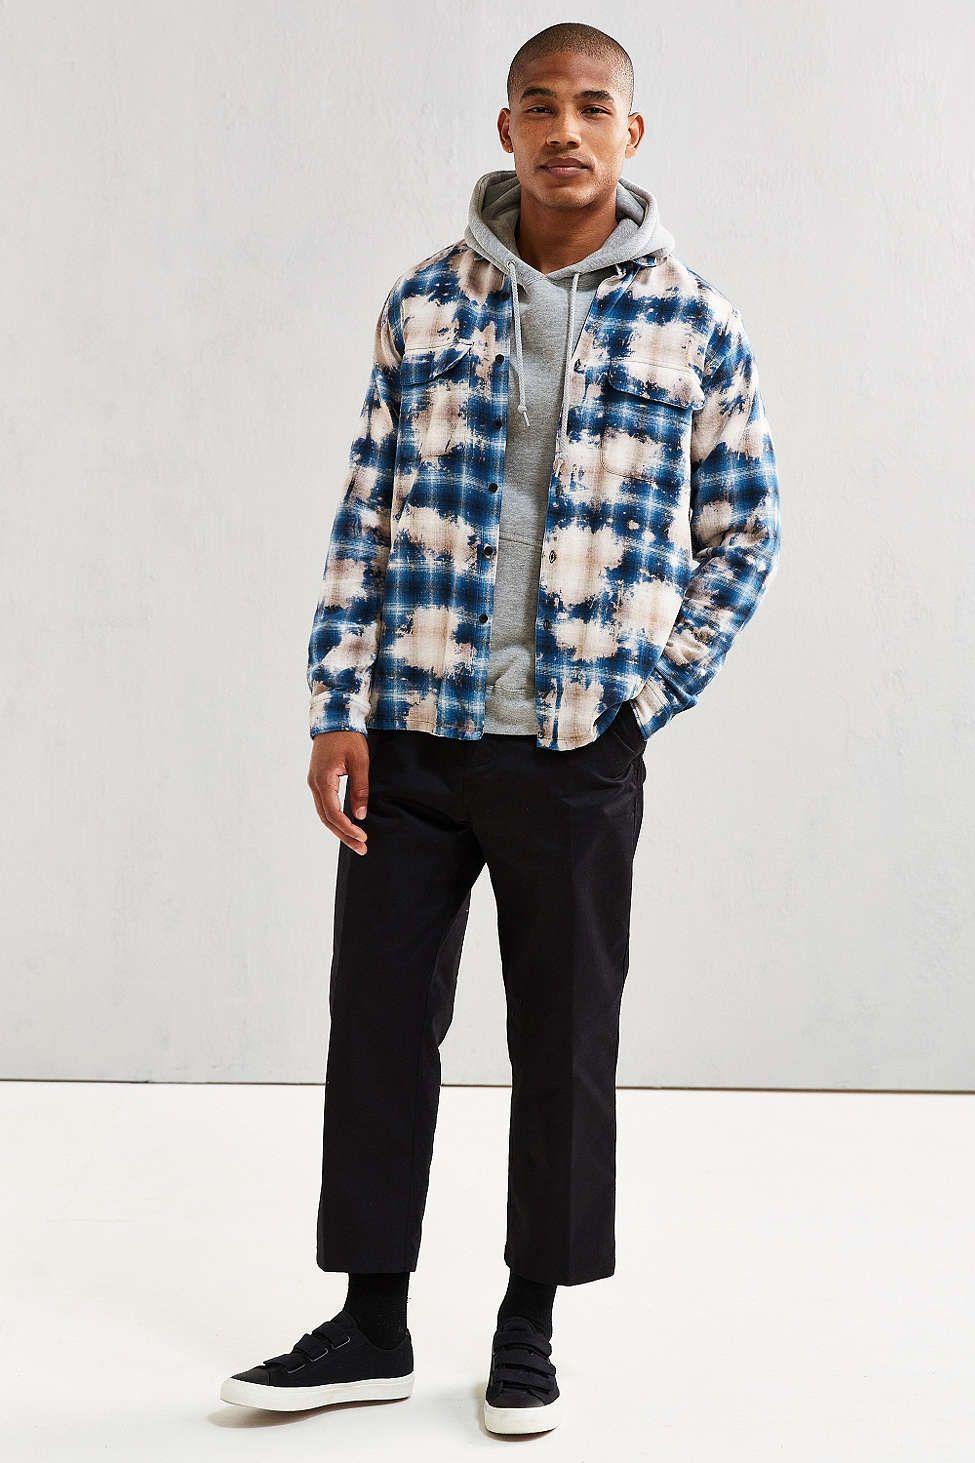 6e254a751e8 UO Ellis Bleached Shadow Plaid Flannel Button-Down Shirt - Urban Outfitters